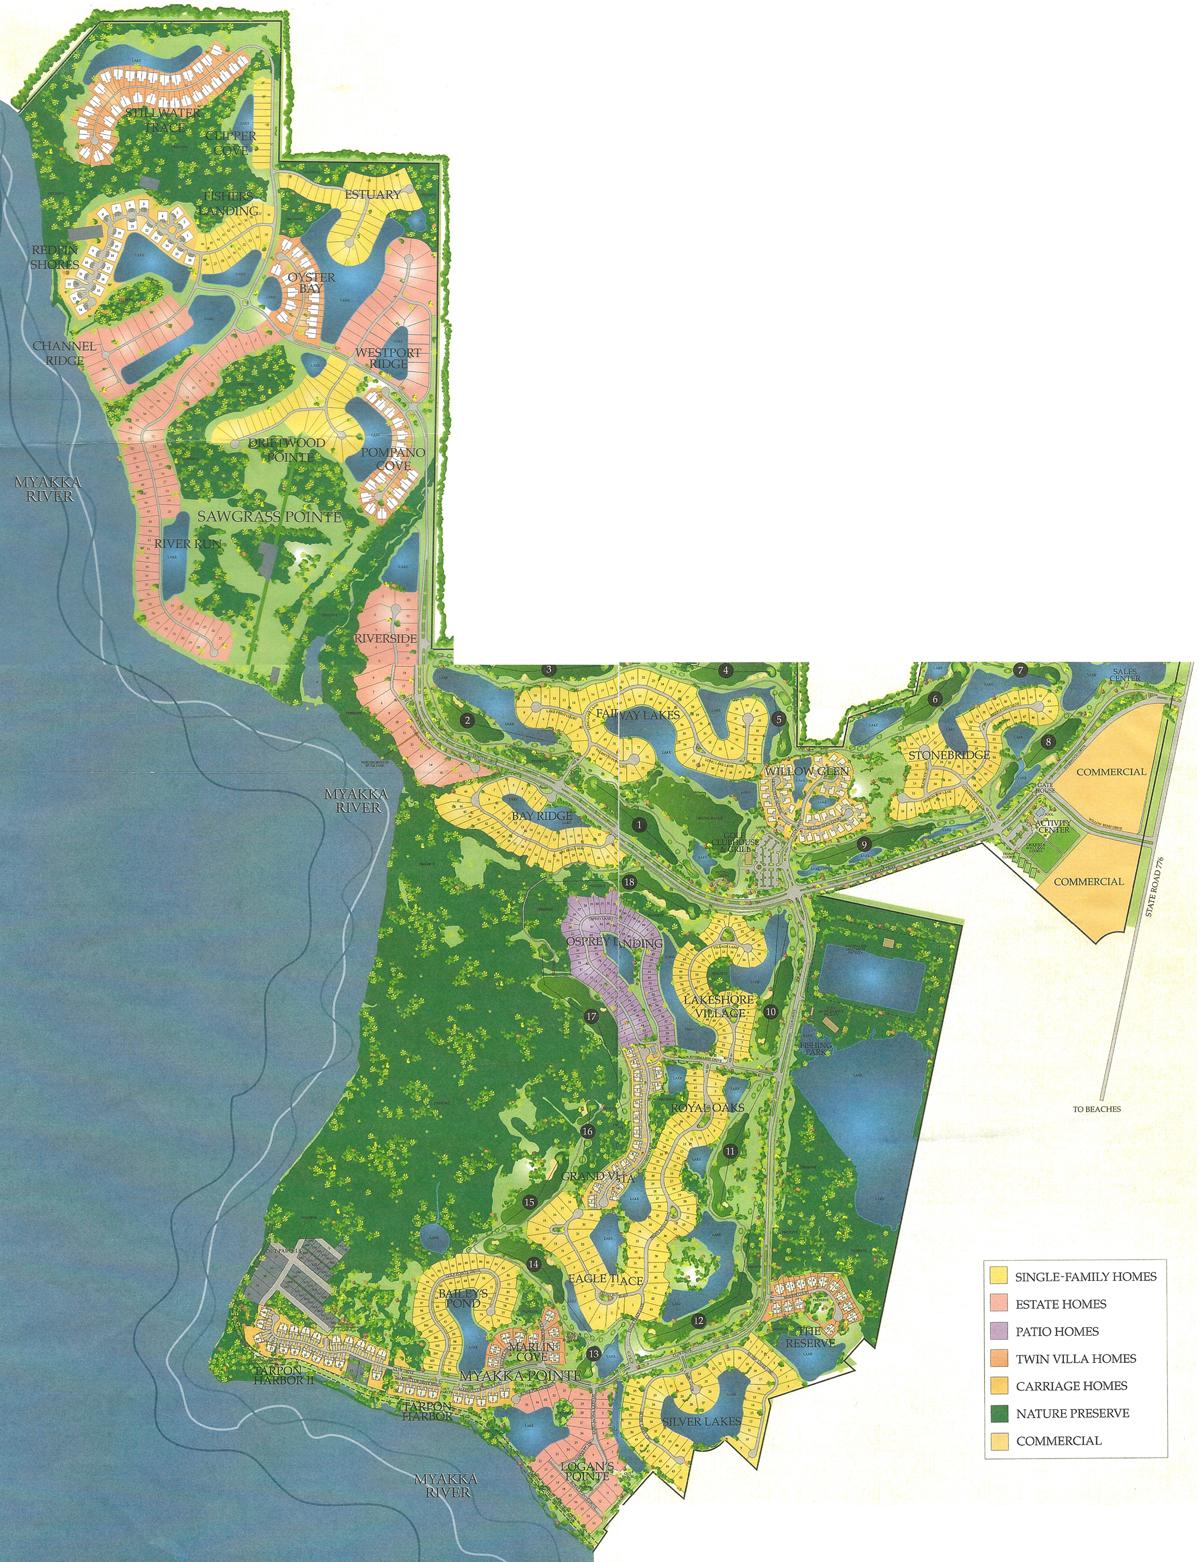 Map Of Port Charlotte Florida.Map Of Riverwood In Port Charlotte Fl Southwest Fl Real Estate